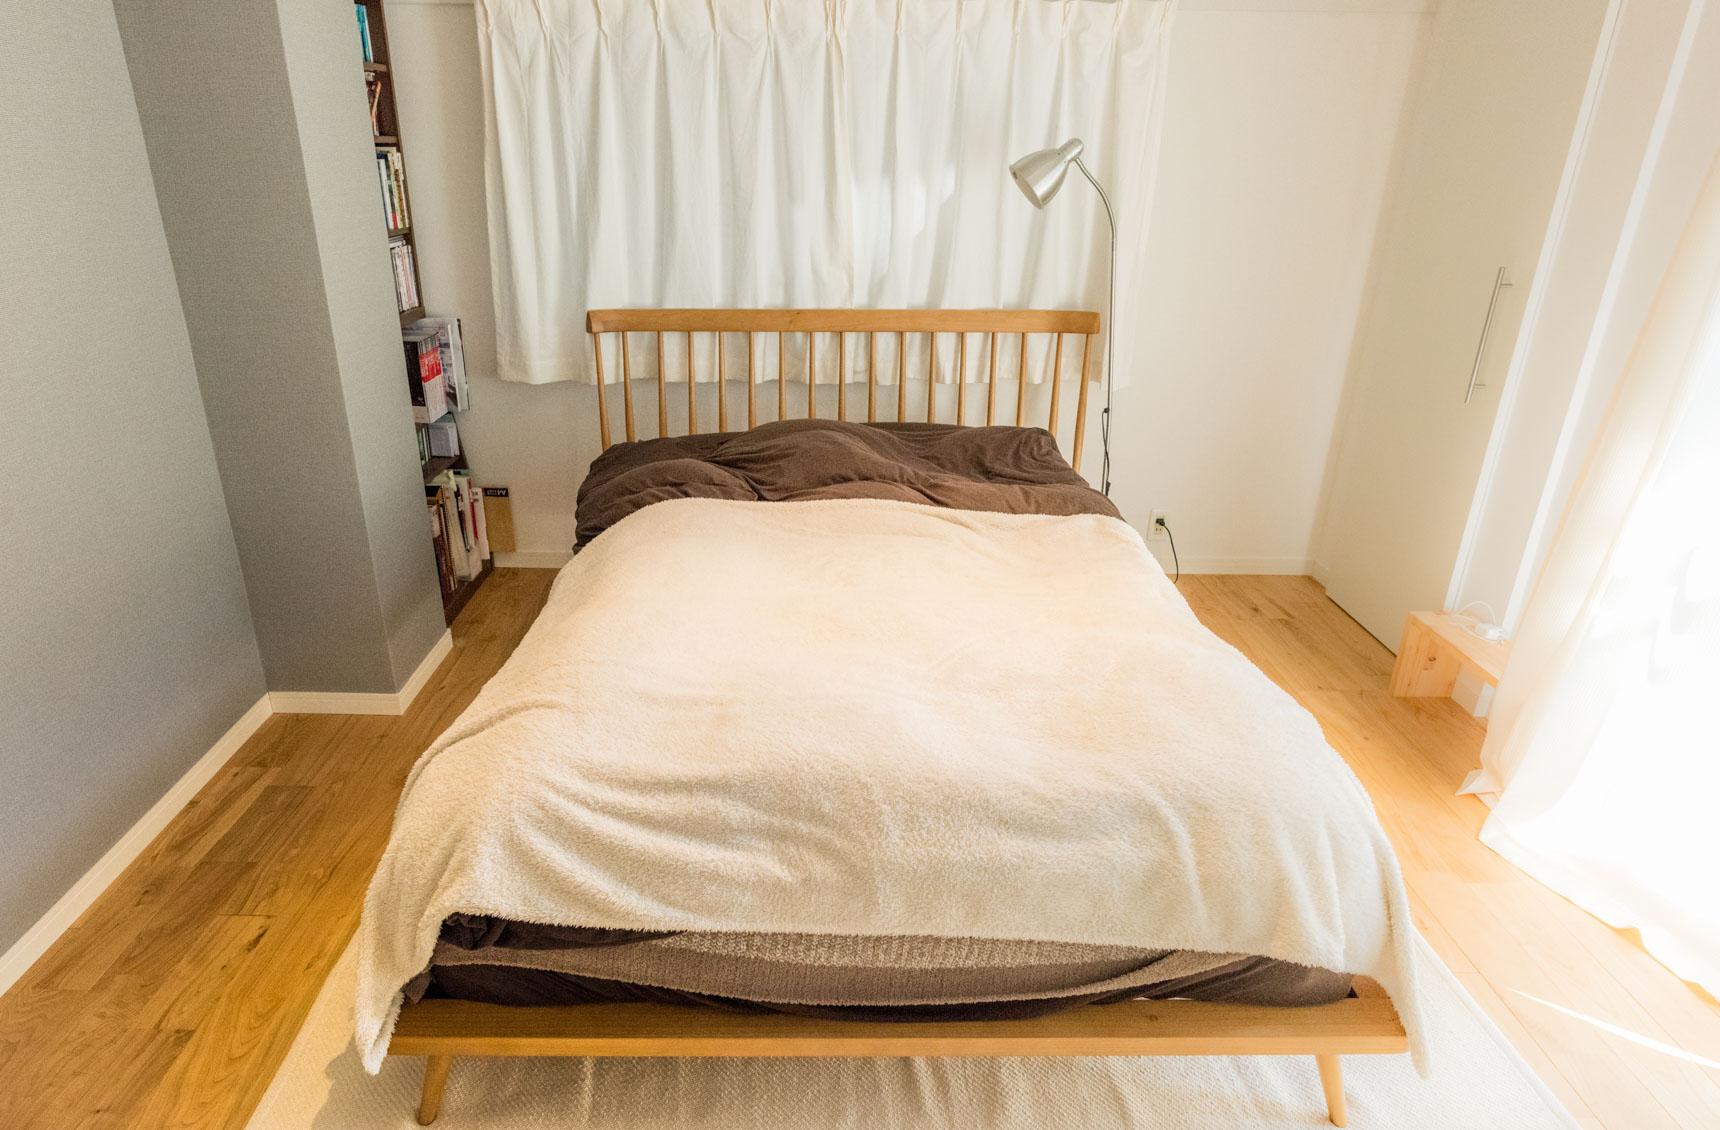 ベッドルームもすっきり。ちょうど柱のかげになる場所にぴったり収まるように本棚を配置している。